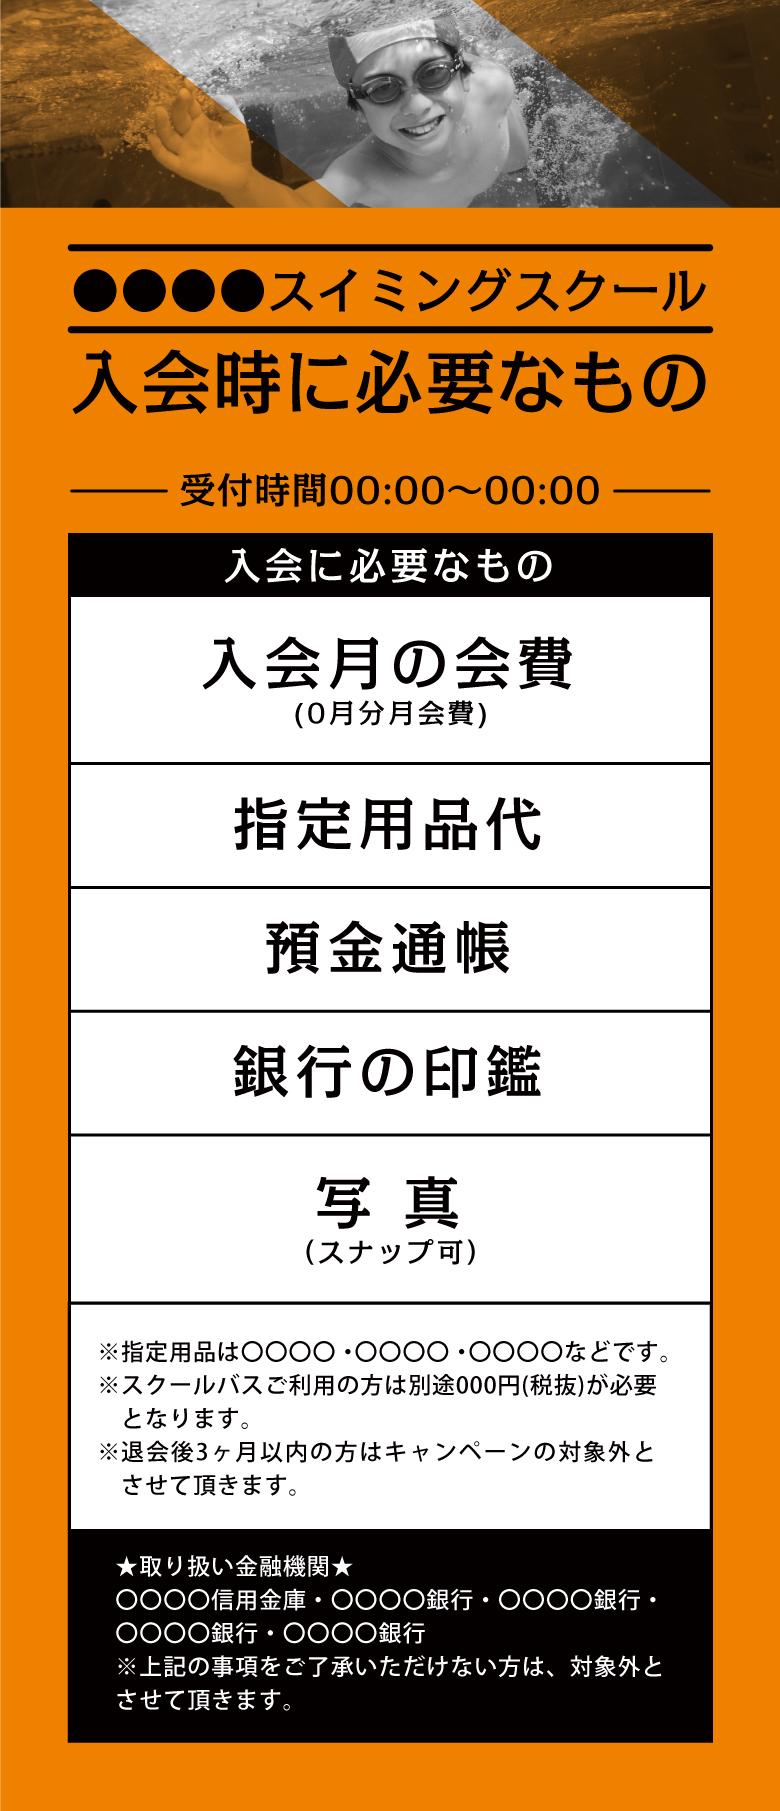 cv-case-ch-20h_d-07-2